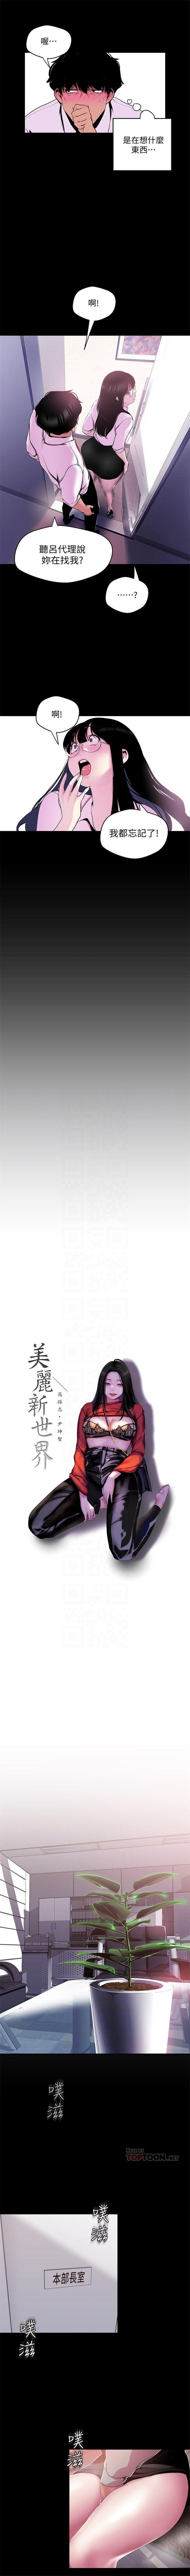 美麗新世界 1-85 官方中文(連載中) 462